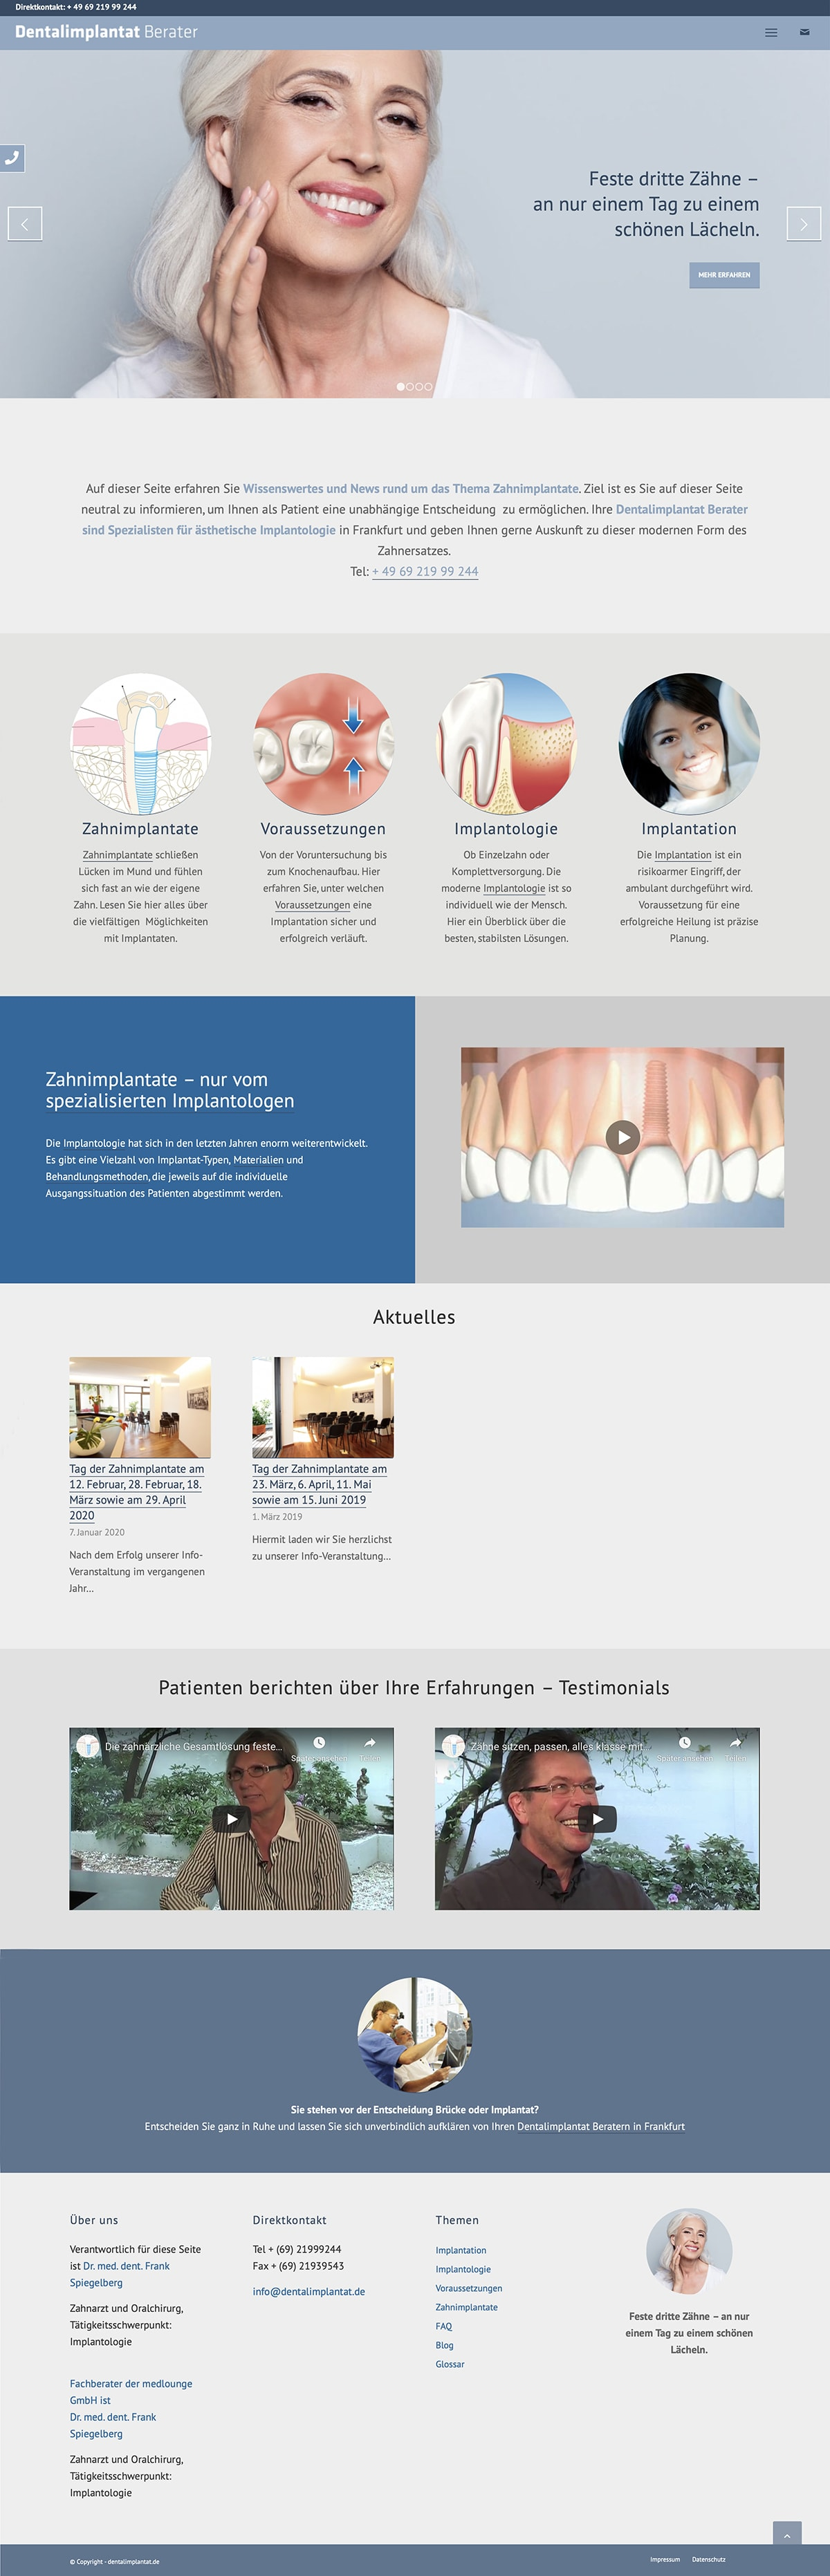 Webdesign Entwicklung für Zahnimplantat Berater durch Ronald Wissler Visuelle Kommunikation